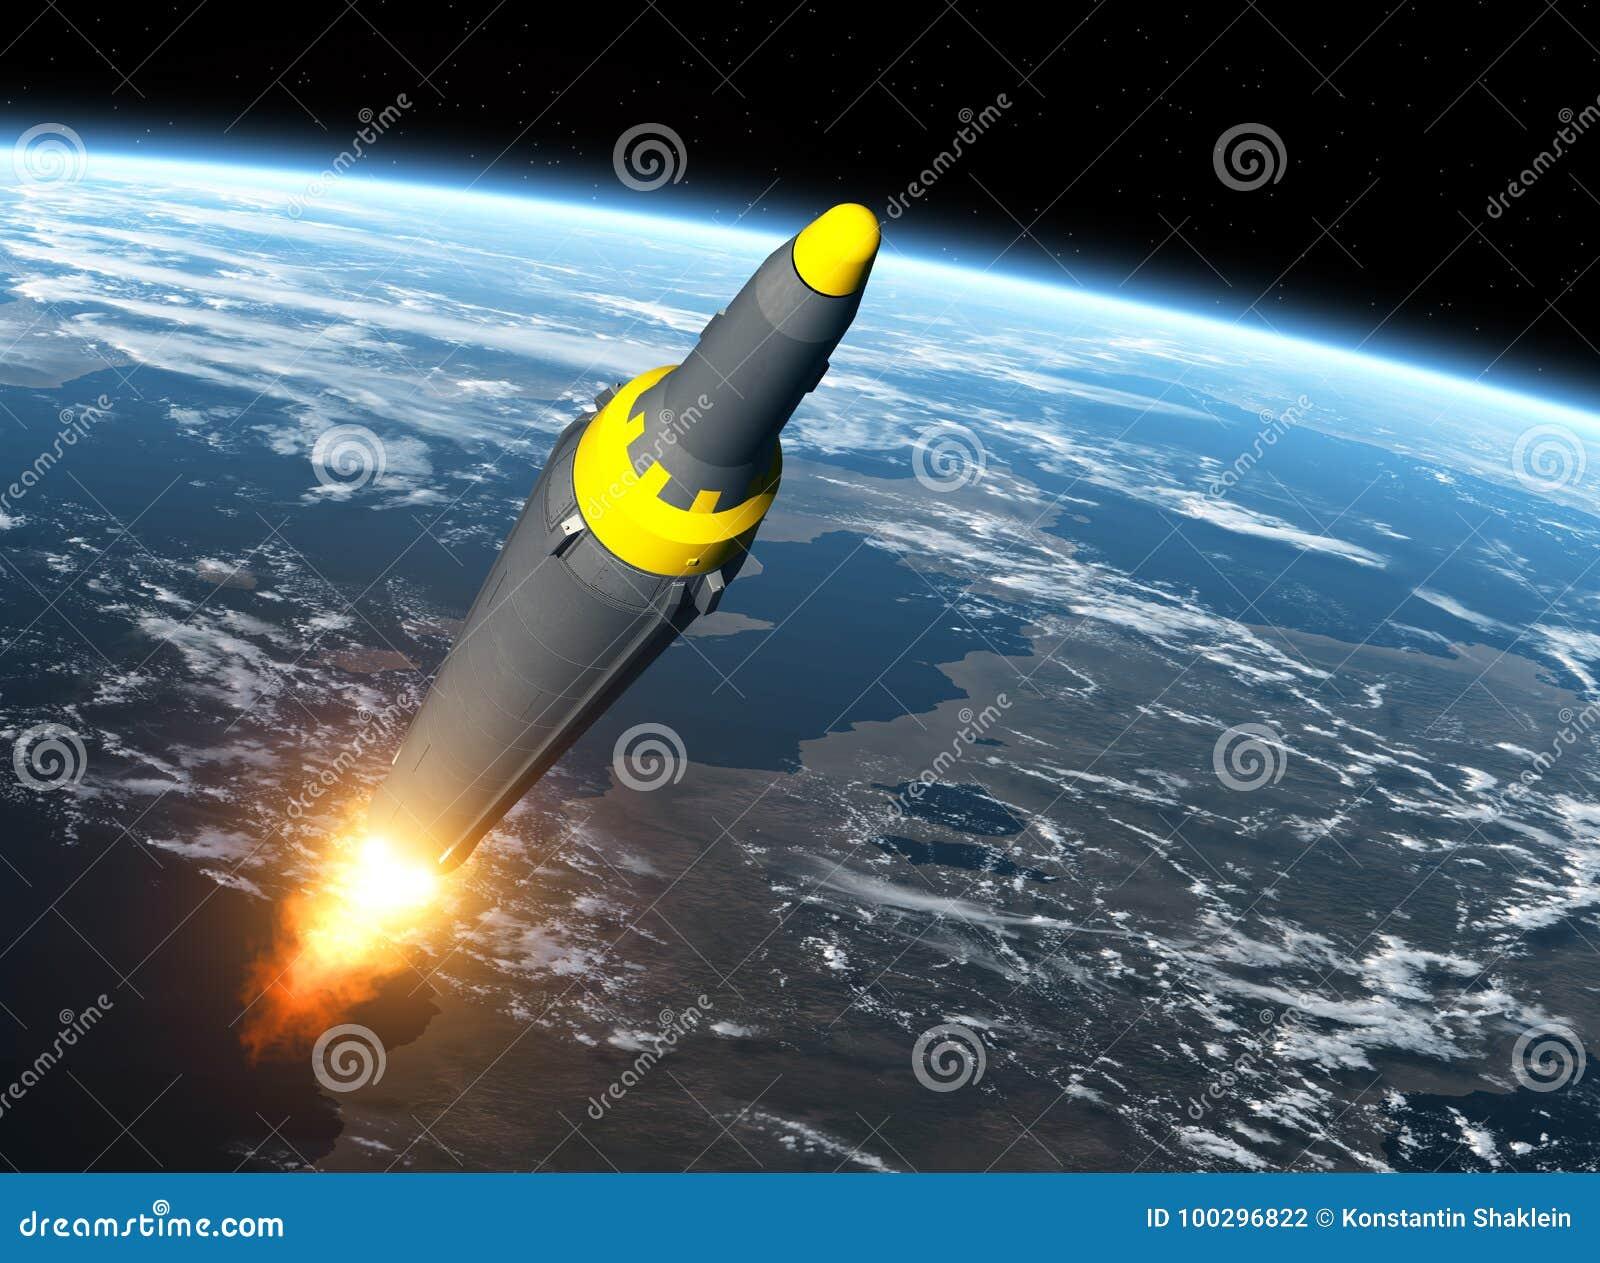 Nordkoreanische ballistische Rakete auf Hintergrund von Erde